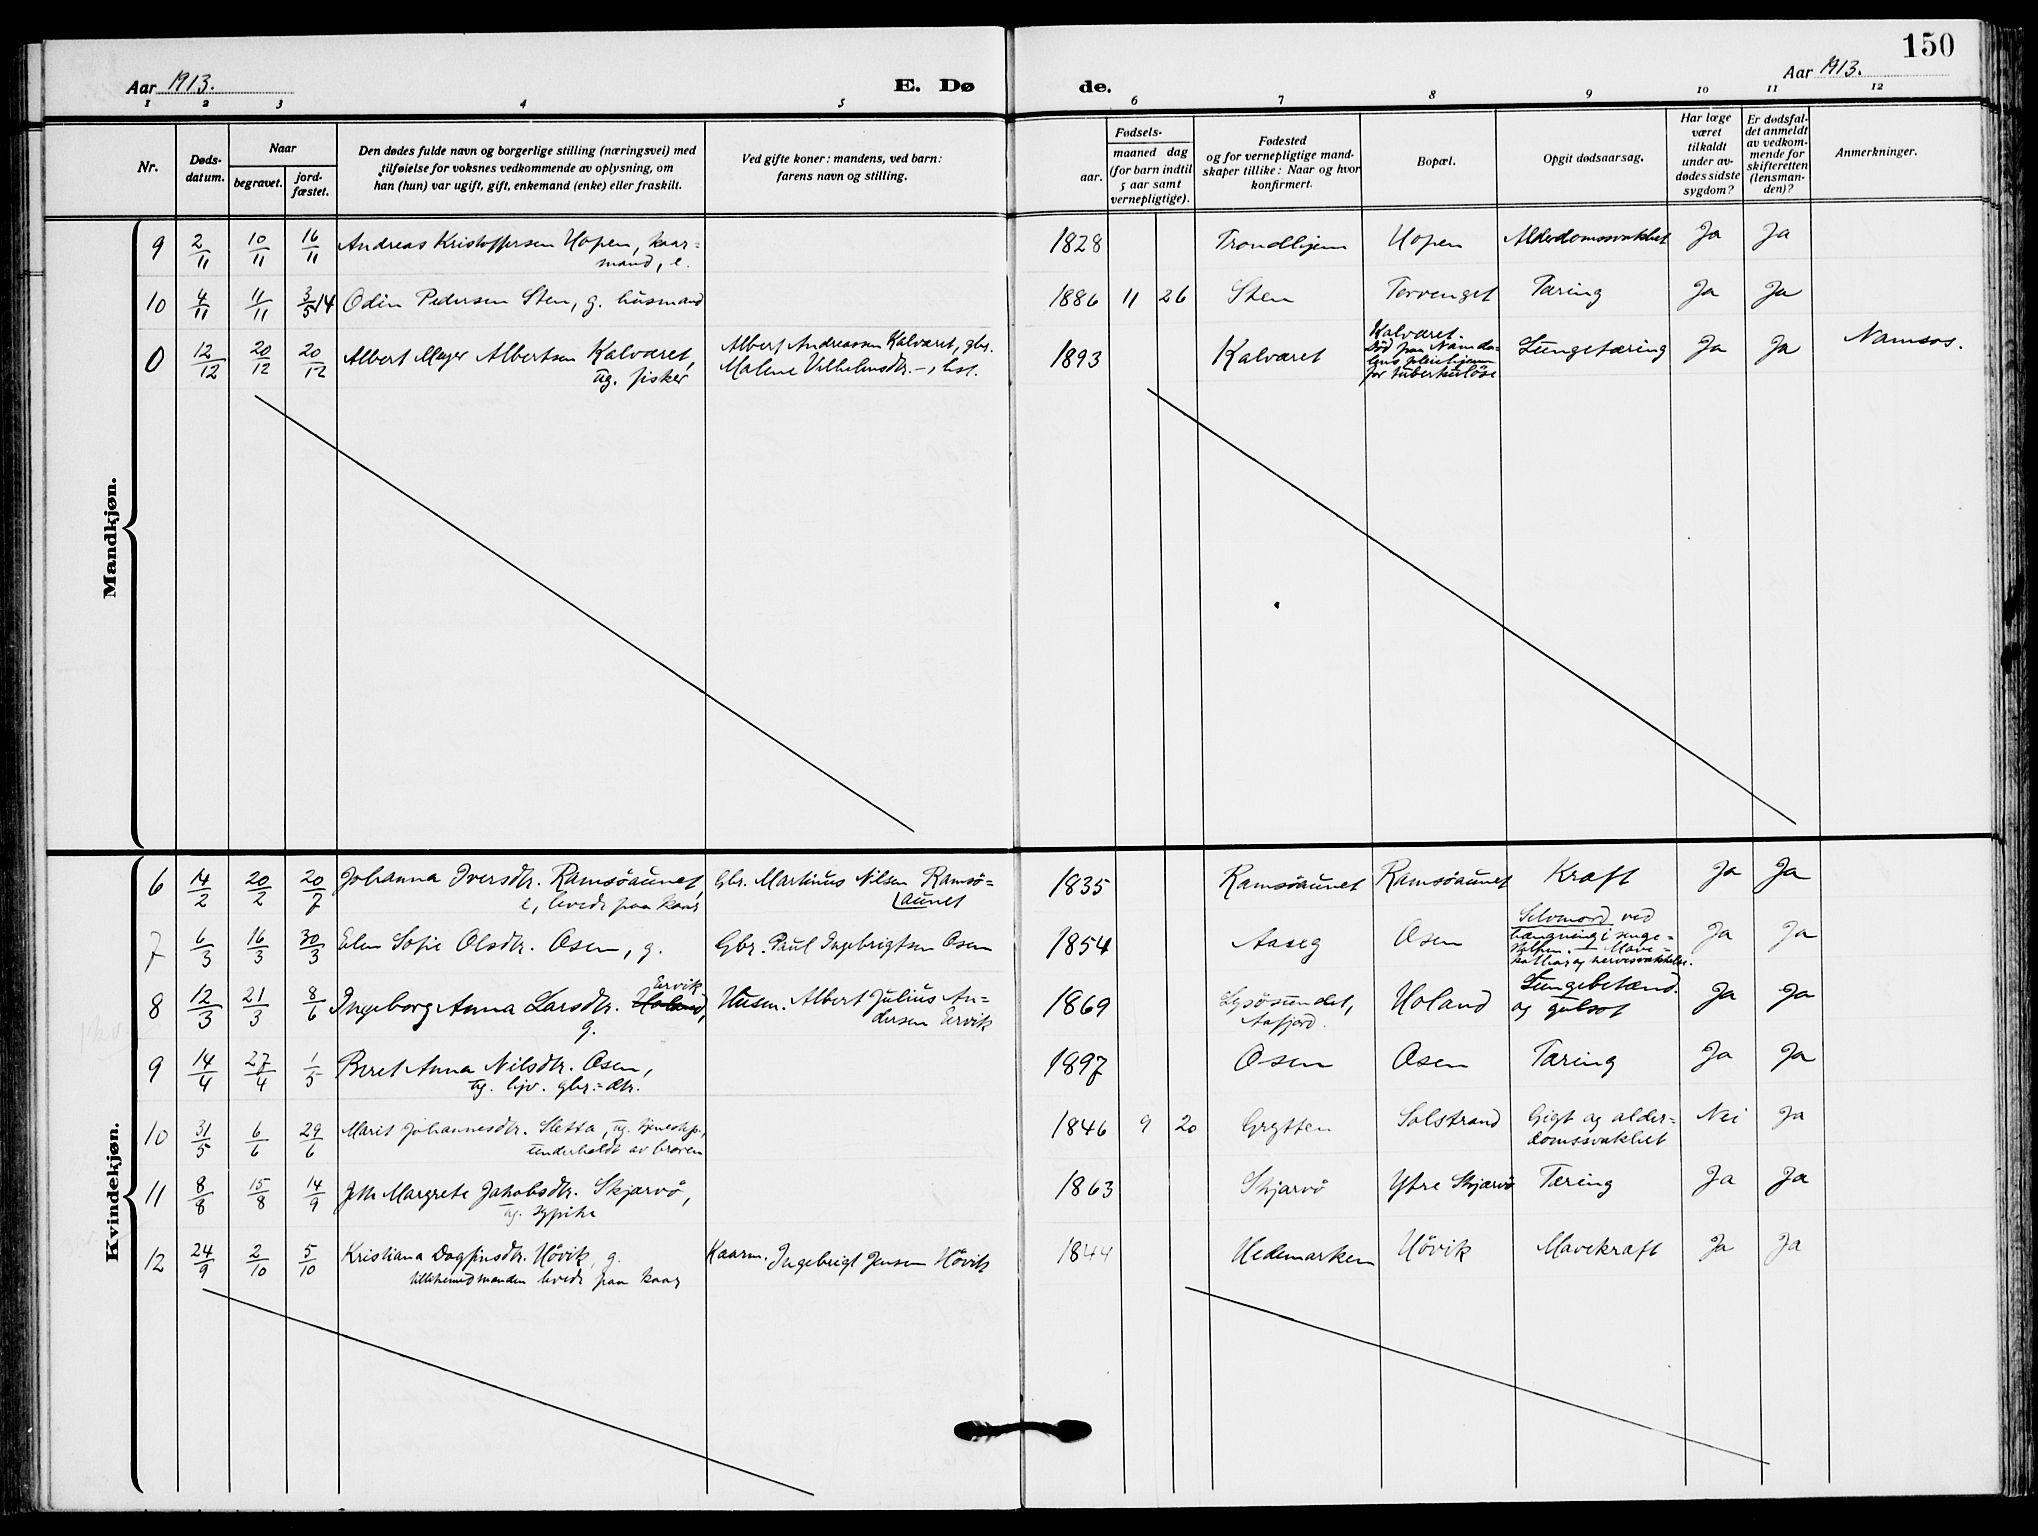 SAT, Ministerialprotokoller, klokkerbøker og fødselsregistre - Sør-Trøndelag, 658/L0724: Ministerialbok nr. 658A03, 1912-1924, s. 150